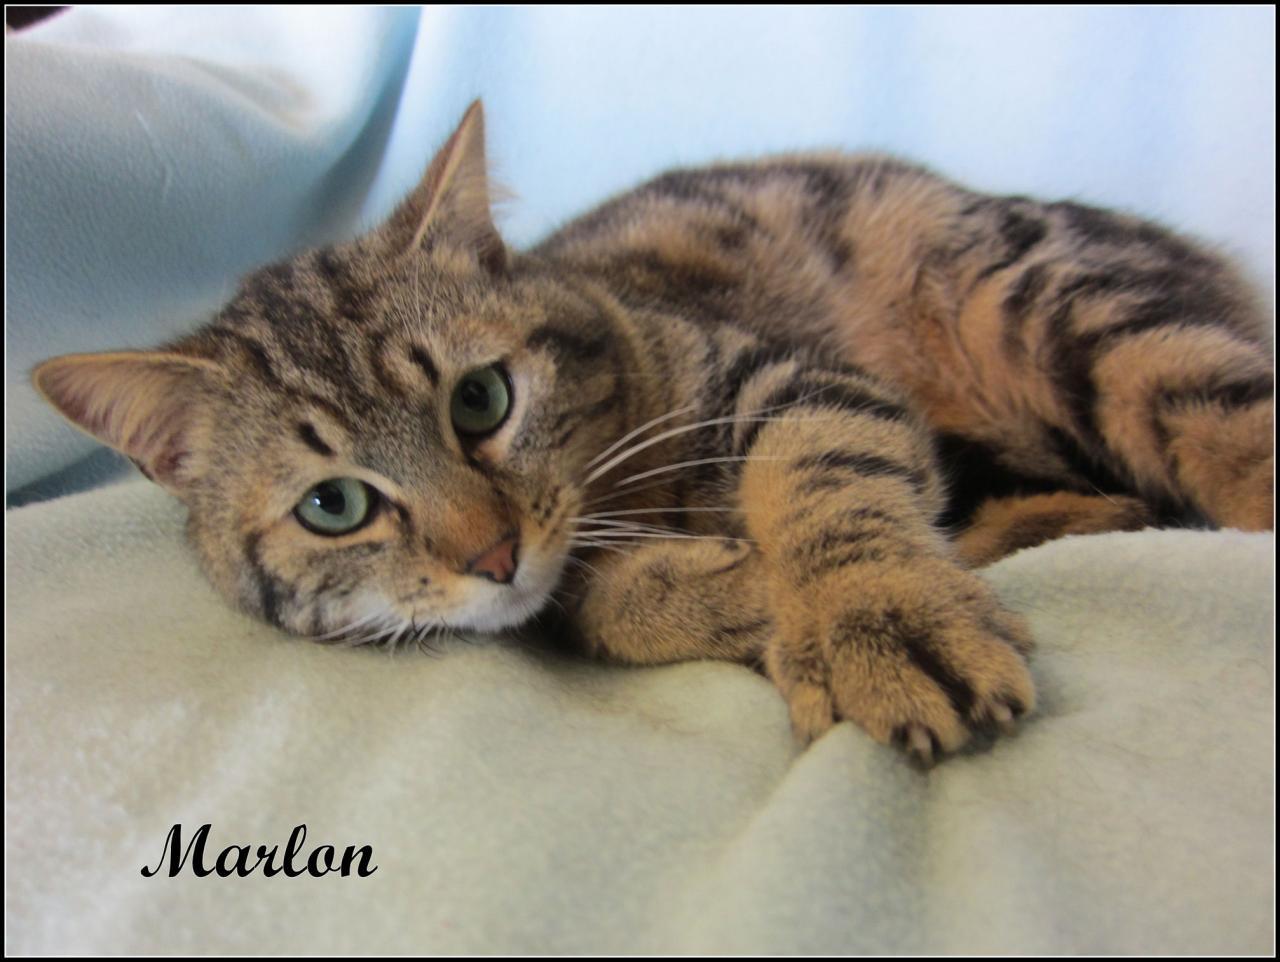 MARLON - M - Né le 01/05/2015 - Adopté en juillet 2016